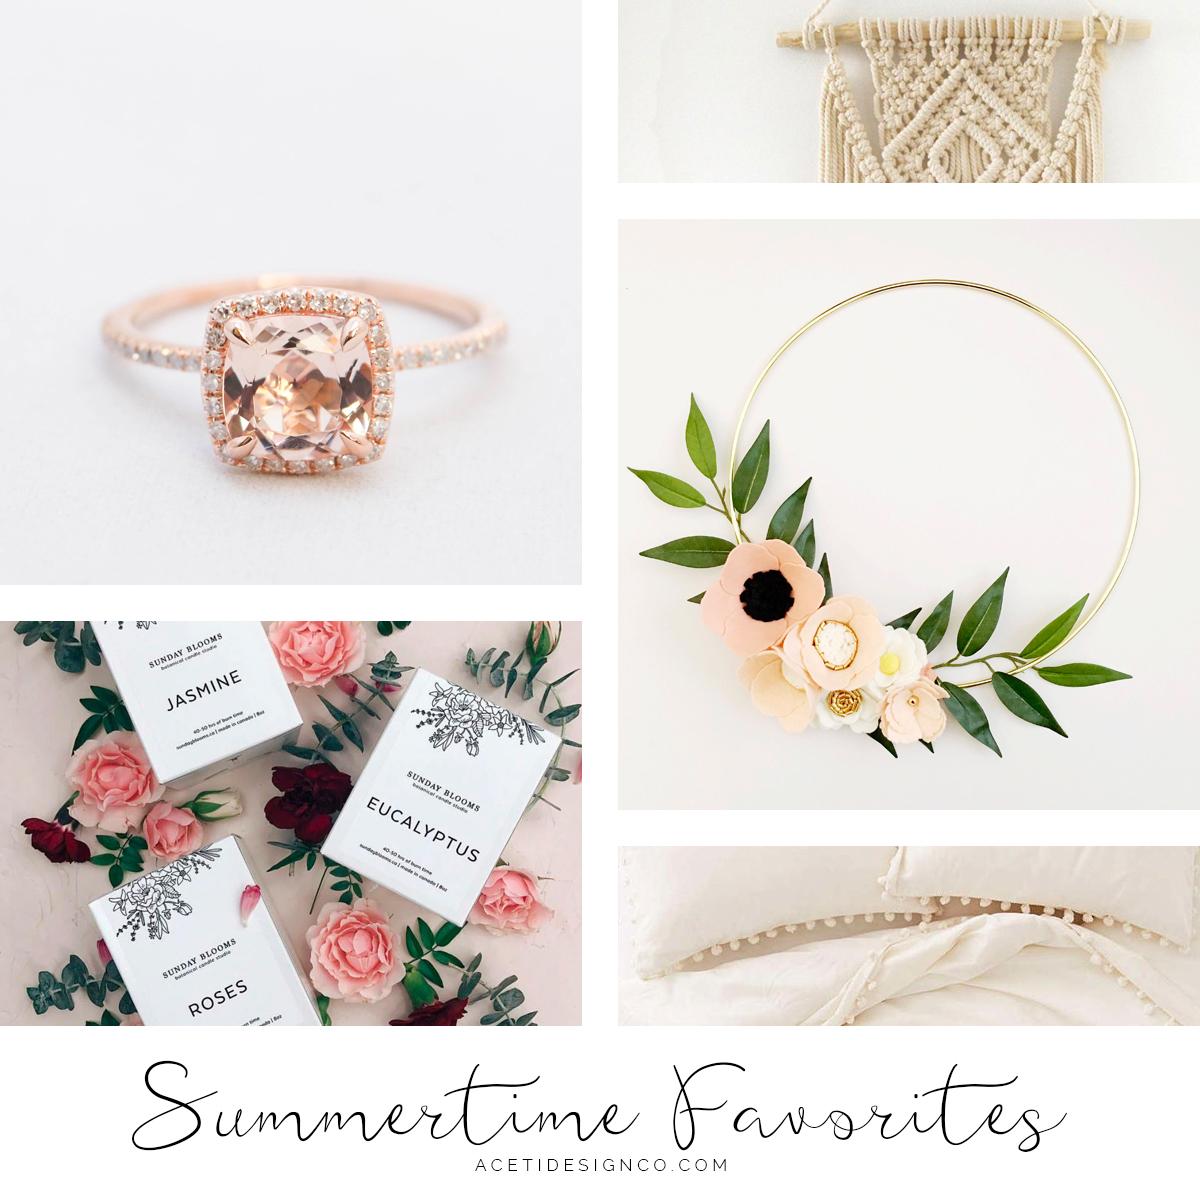 summertime favorites.jpg